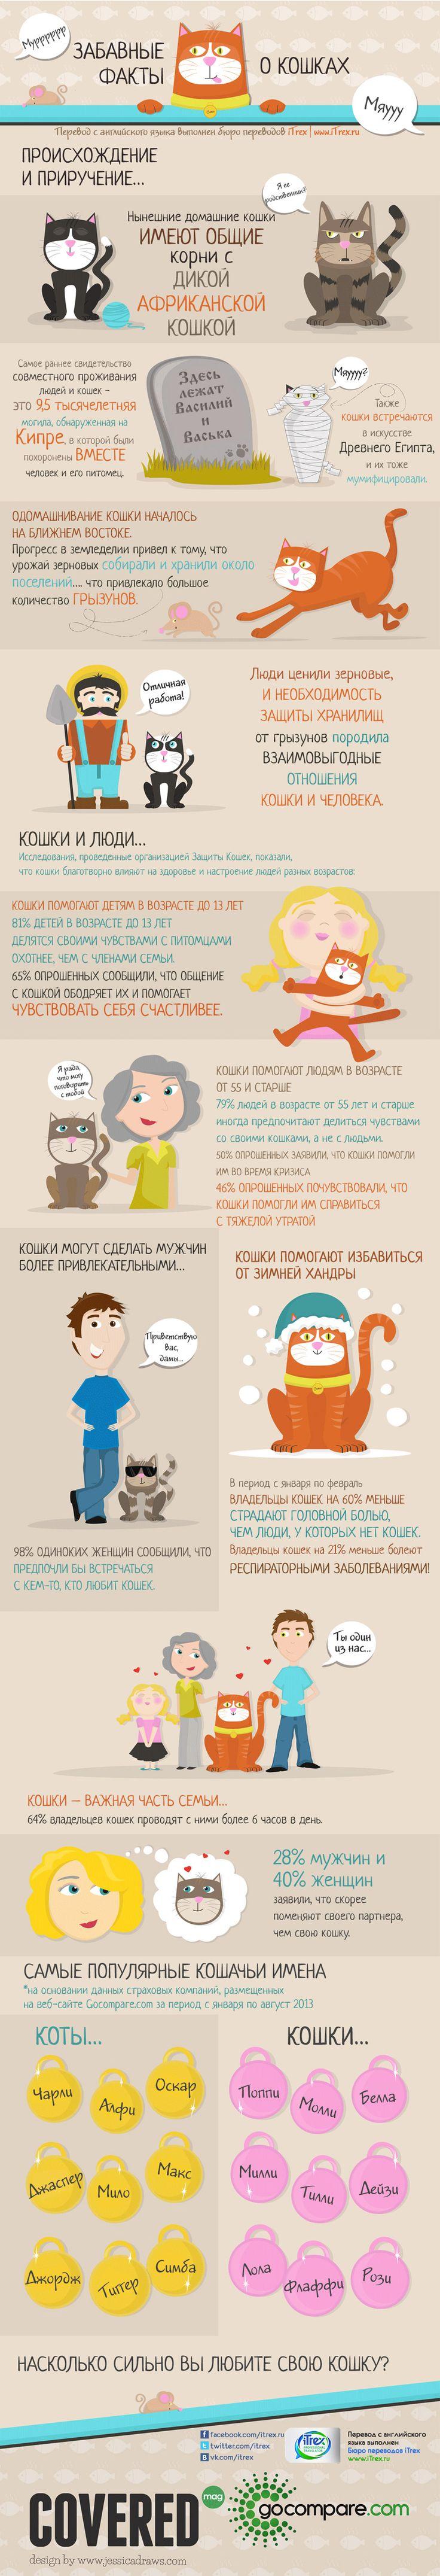 Забавные факты о кошках